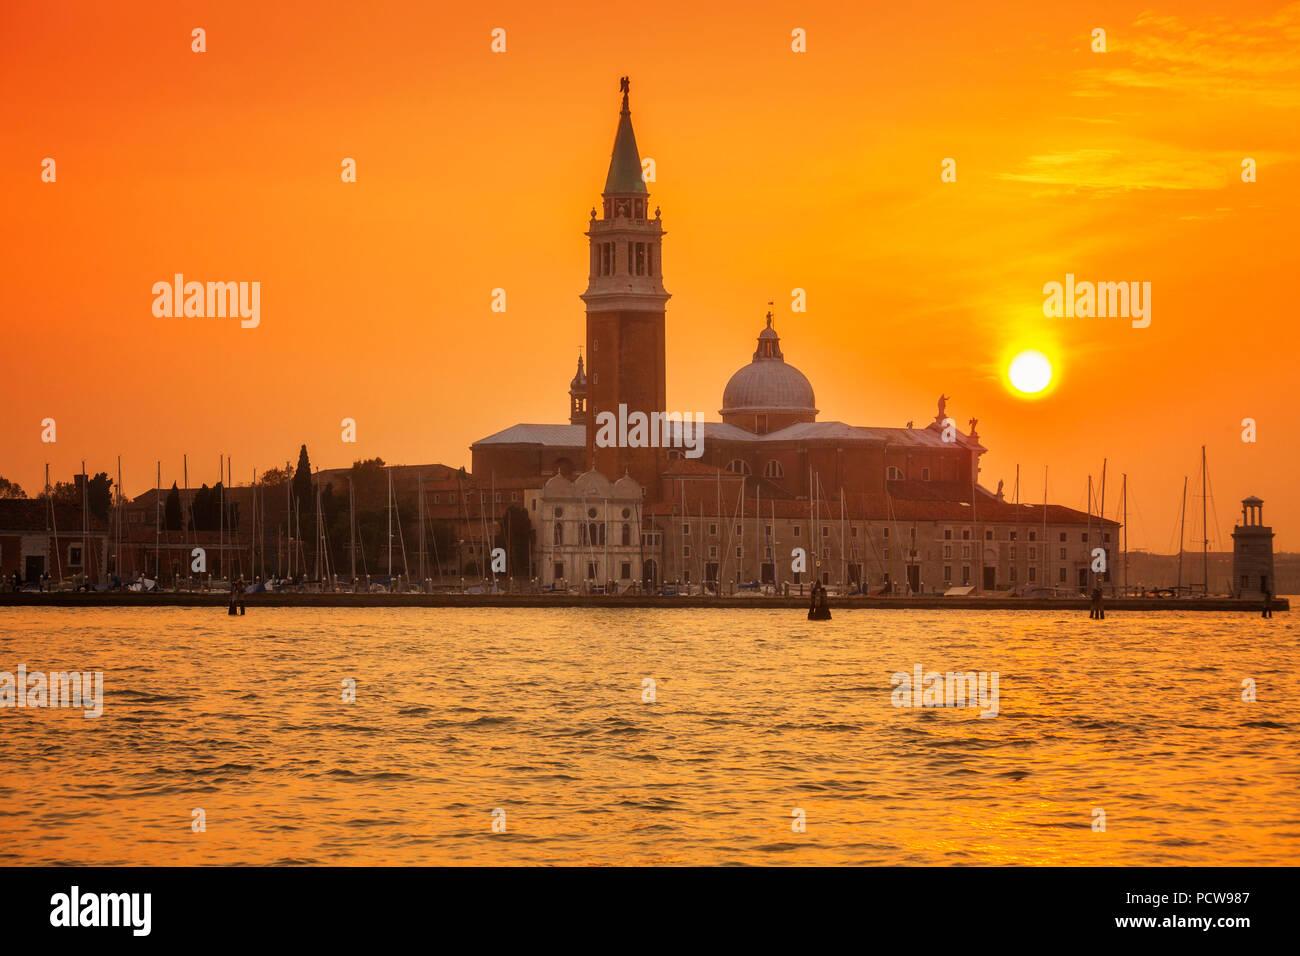 Venice's island of San Giorgio Maggiore under a setting sun - Stock Image